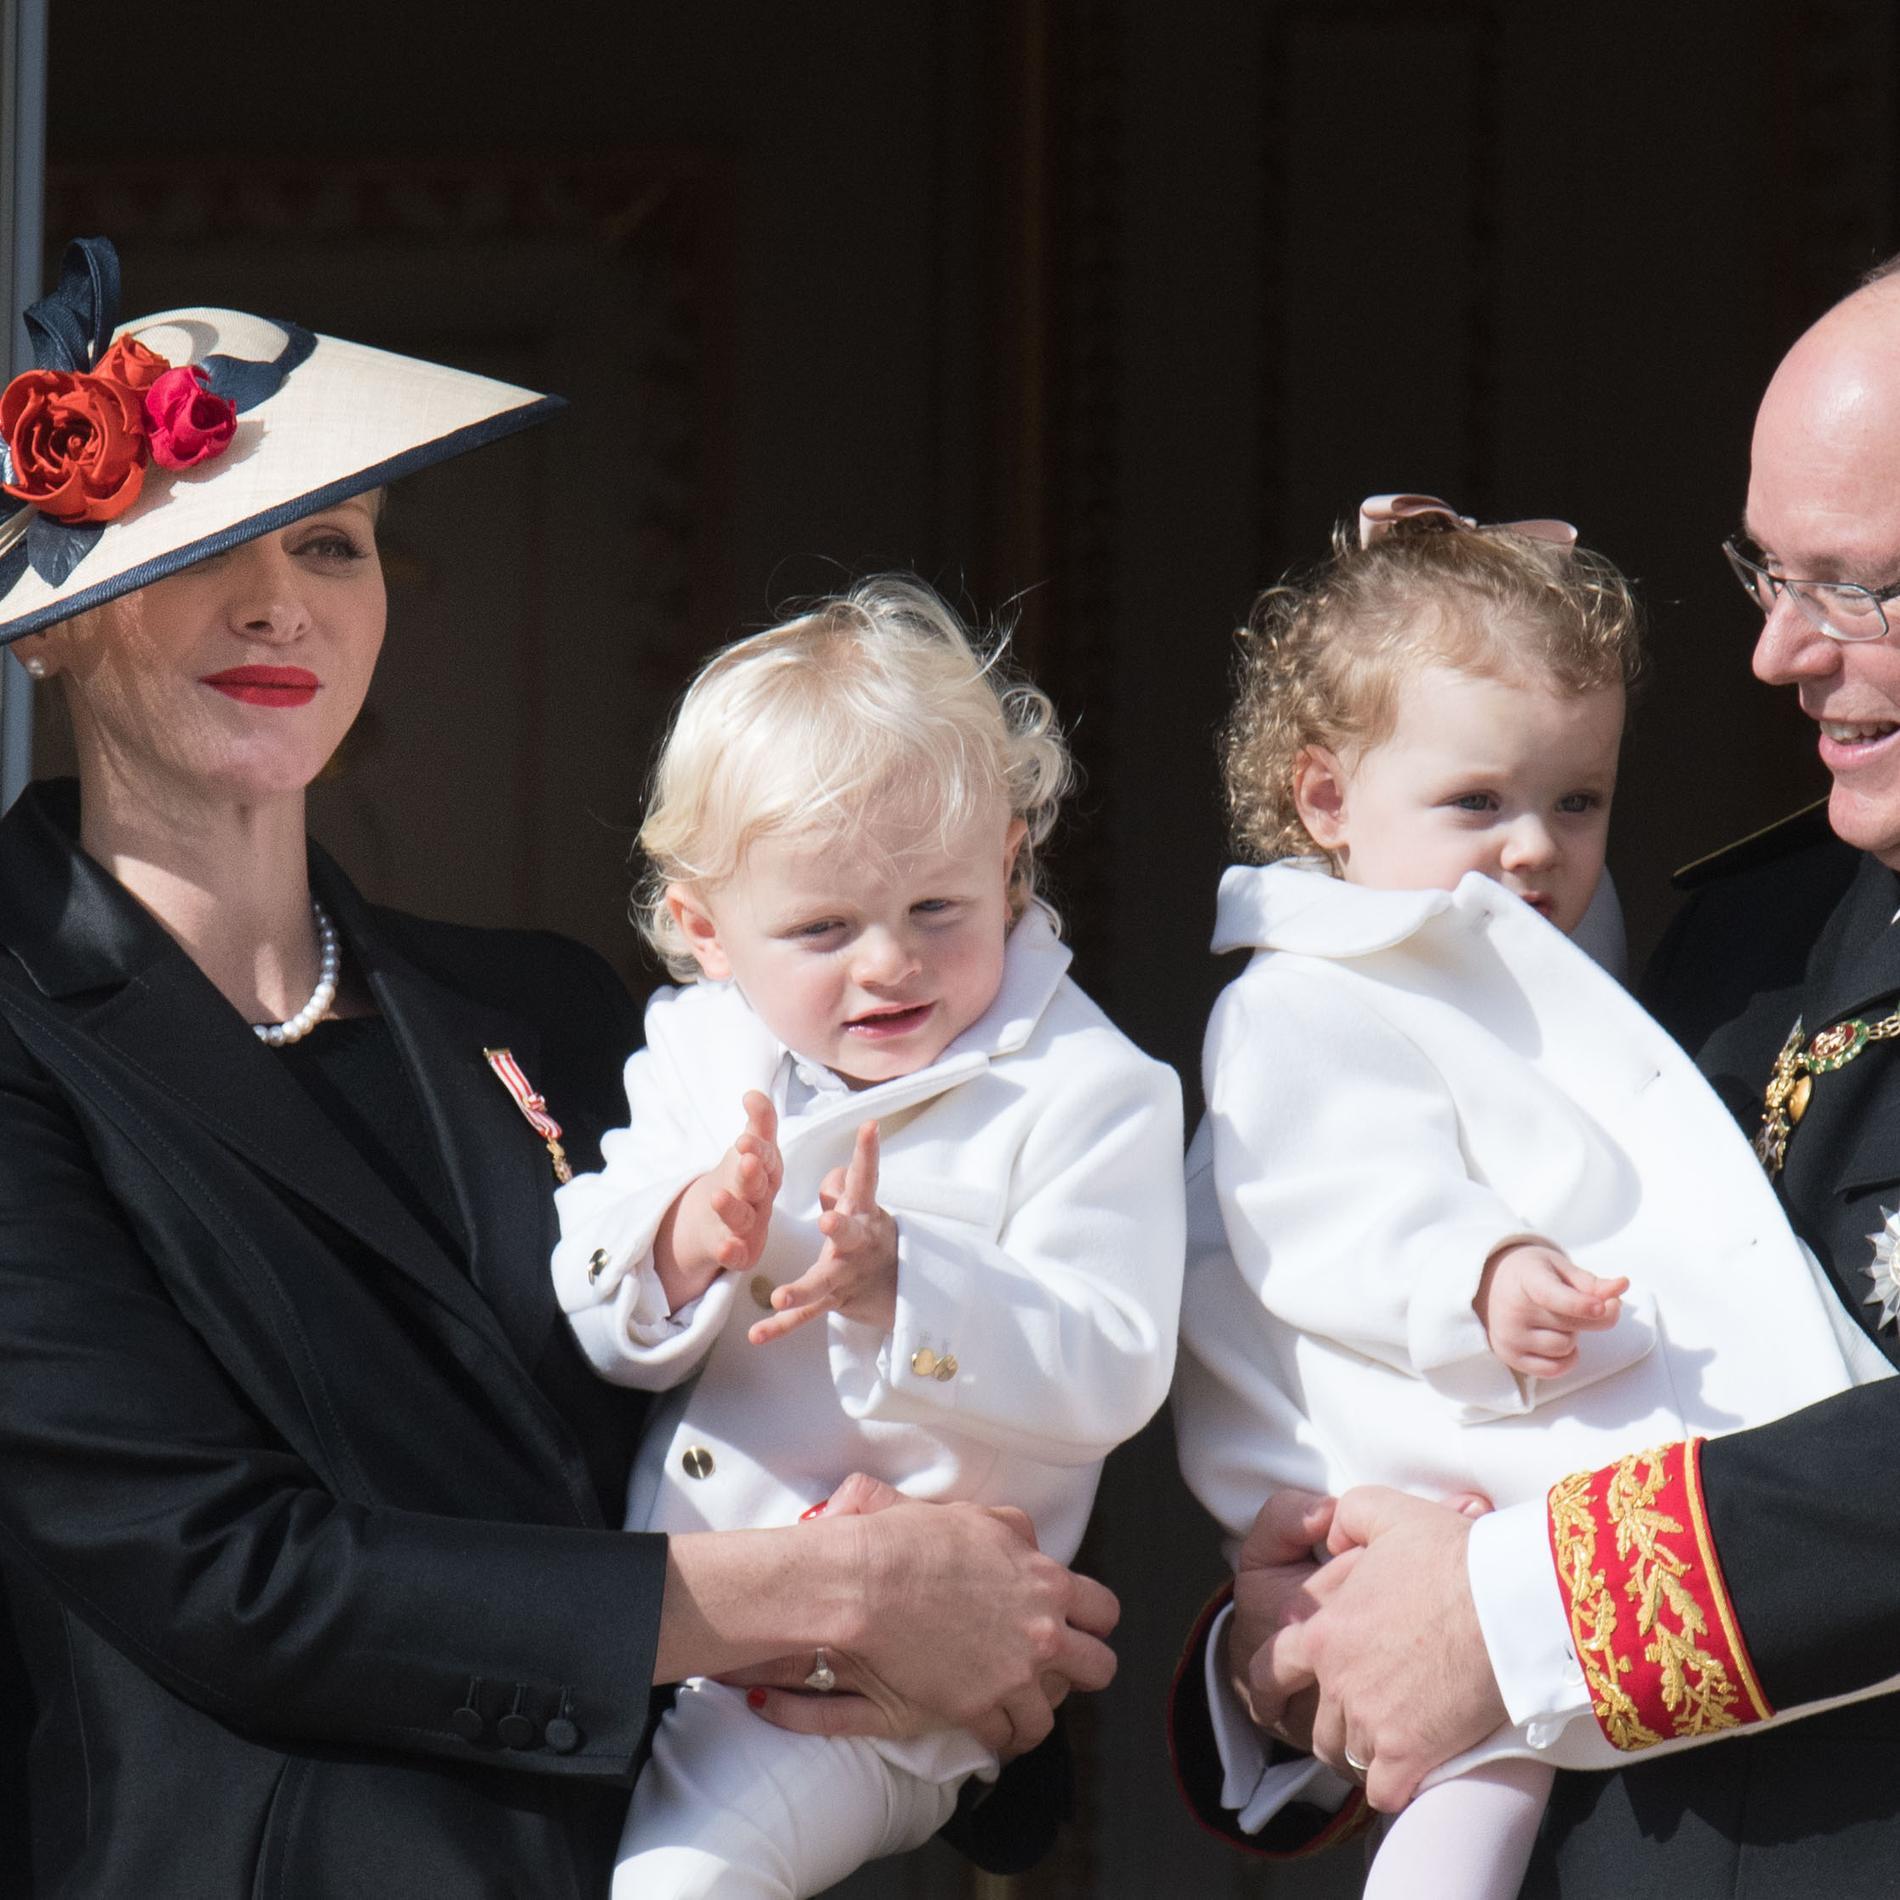 Jacques et Gabriella, les jumeaux princiers de Monaco